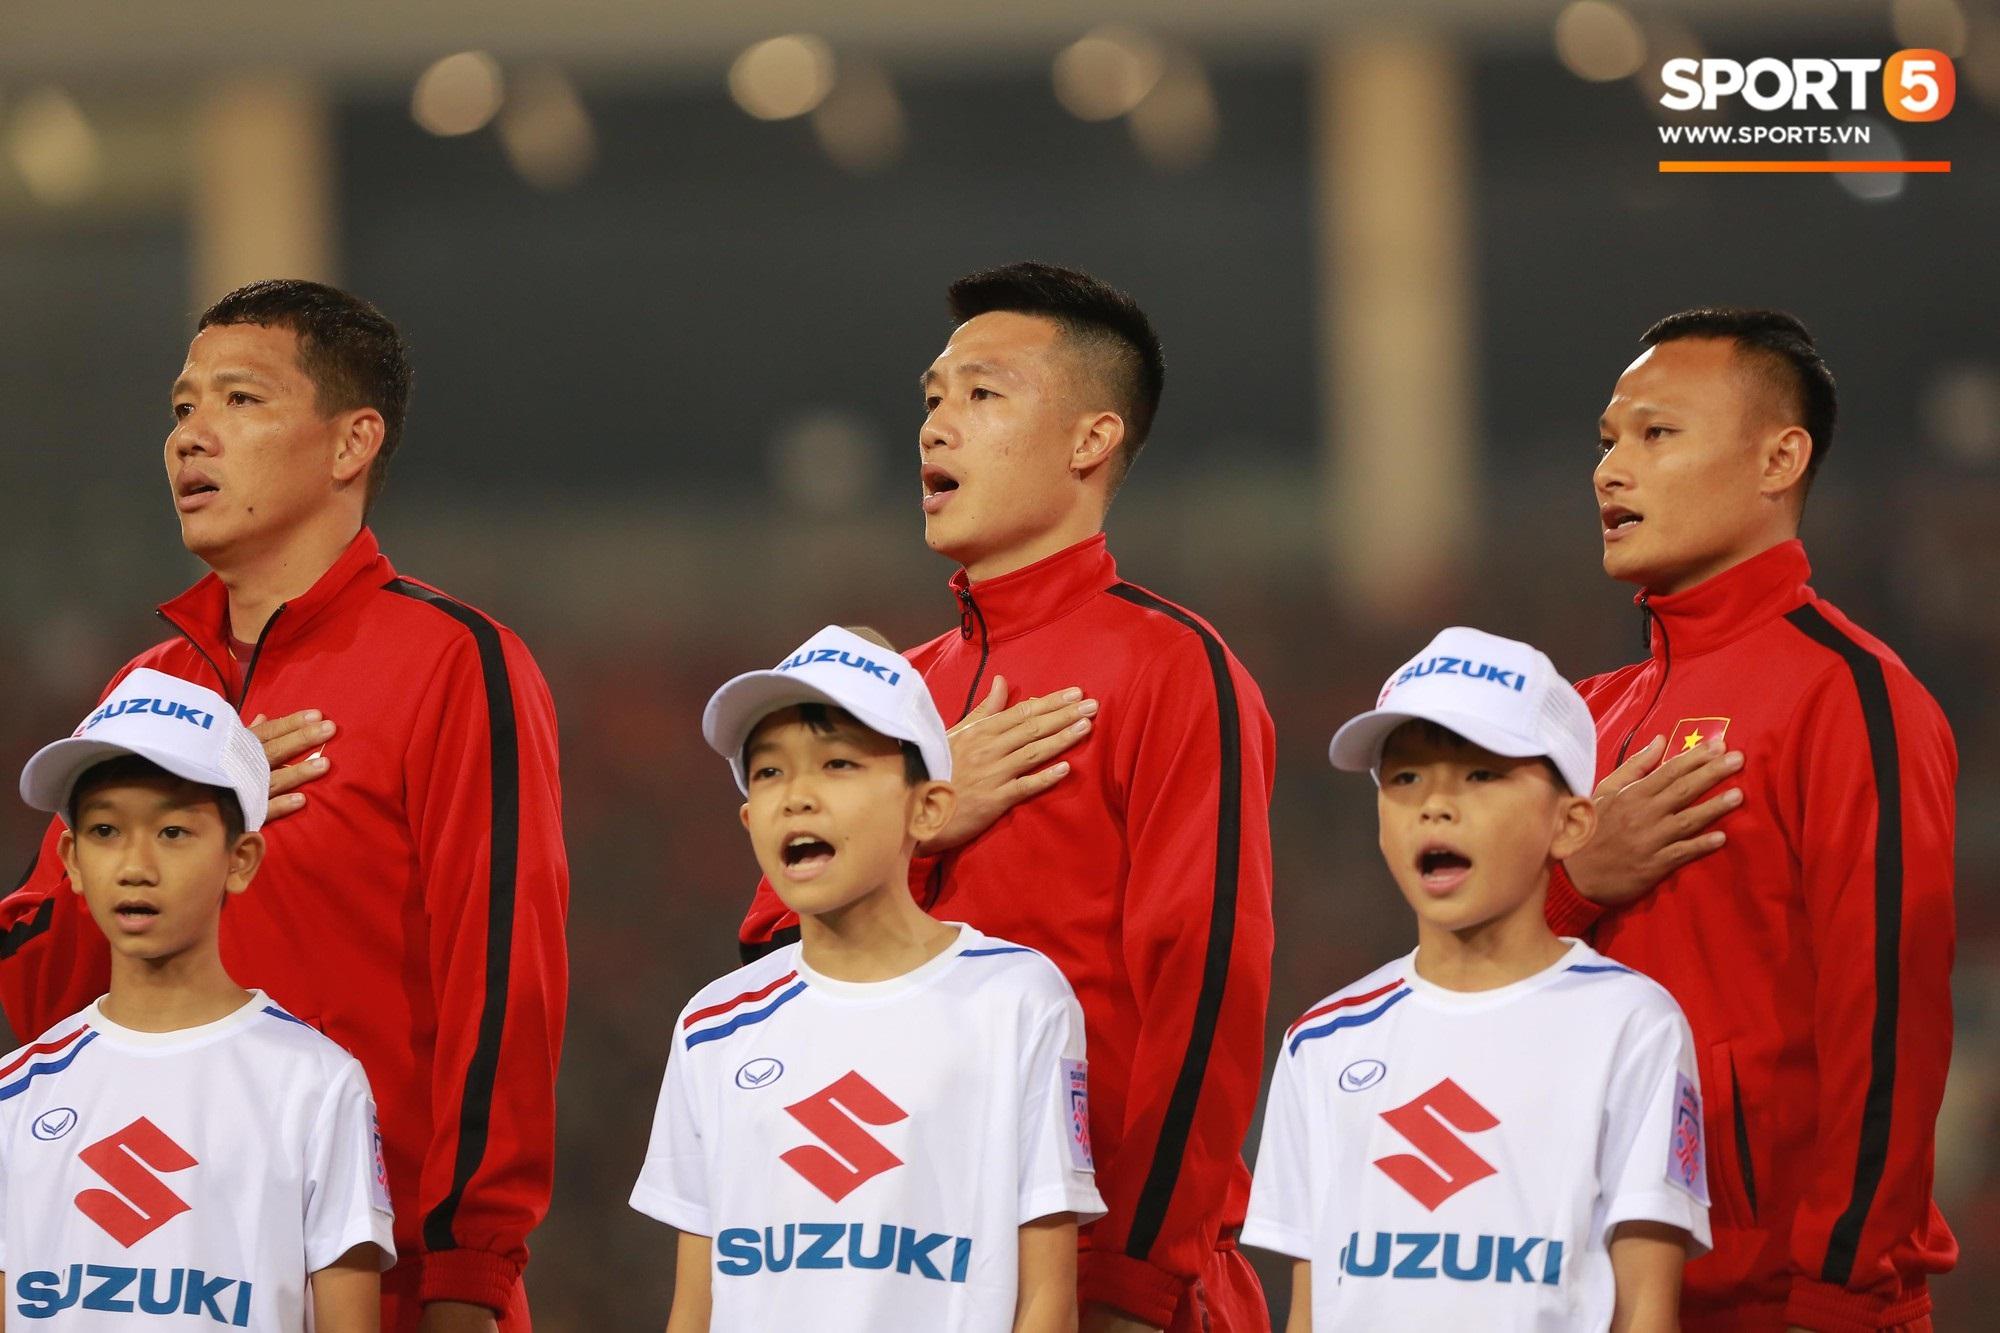 Giây phút chào cờ xúc động của đội tuyển Việt Nam, Đình Trọng, Hồng Duy cùng cầu nguyện trước khi xung trận - Ảnh 10